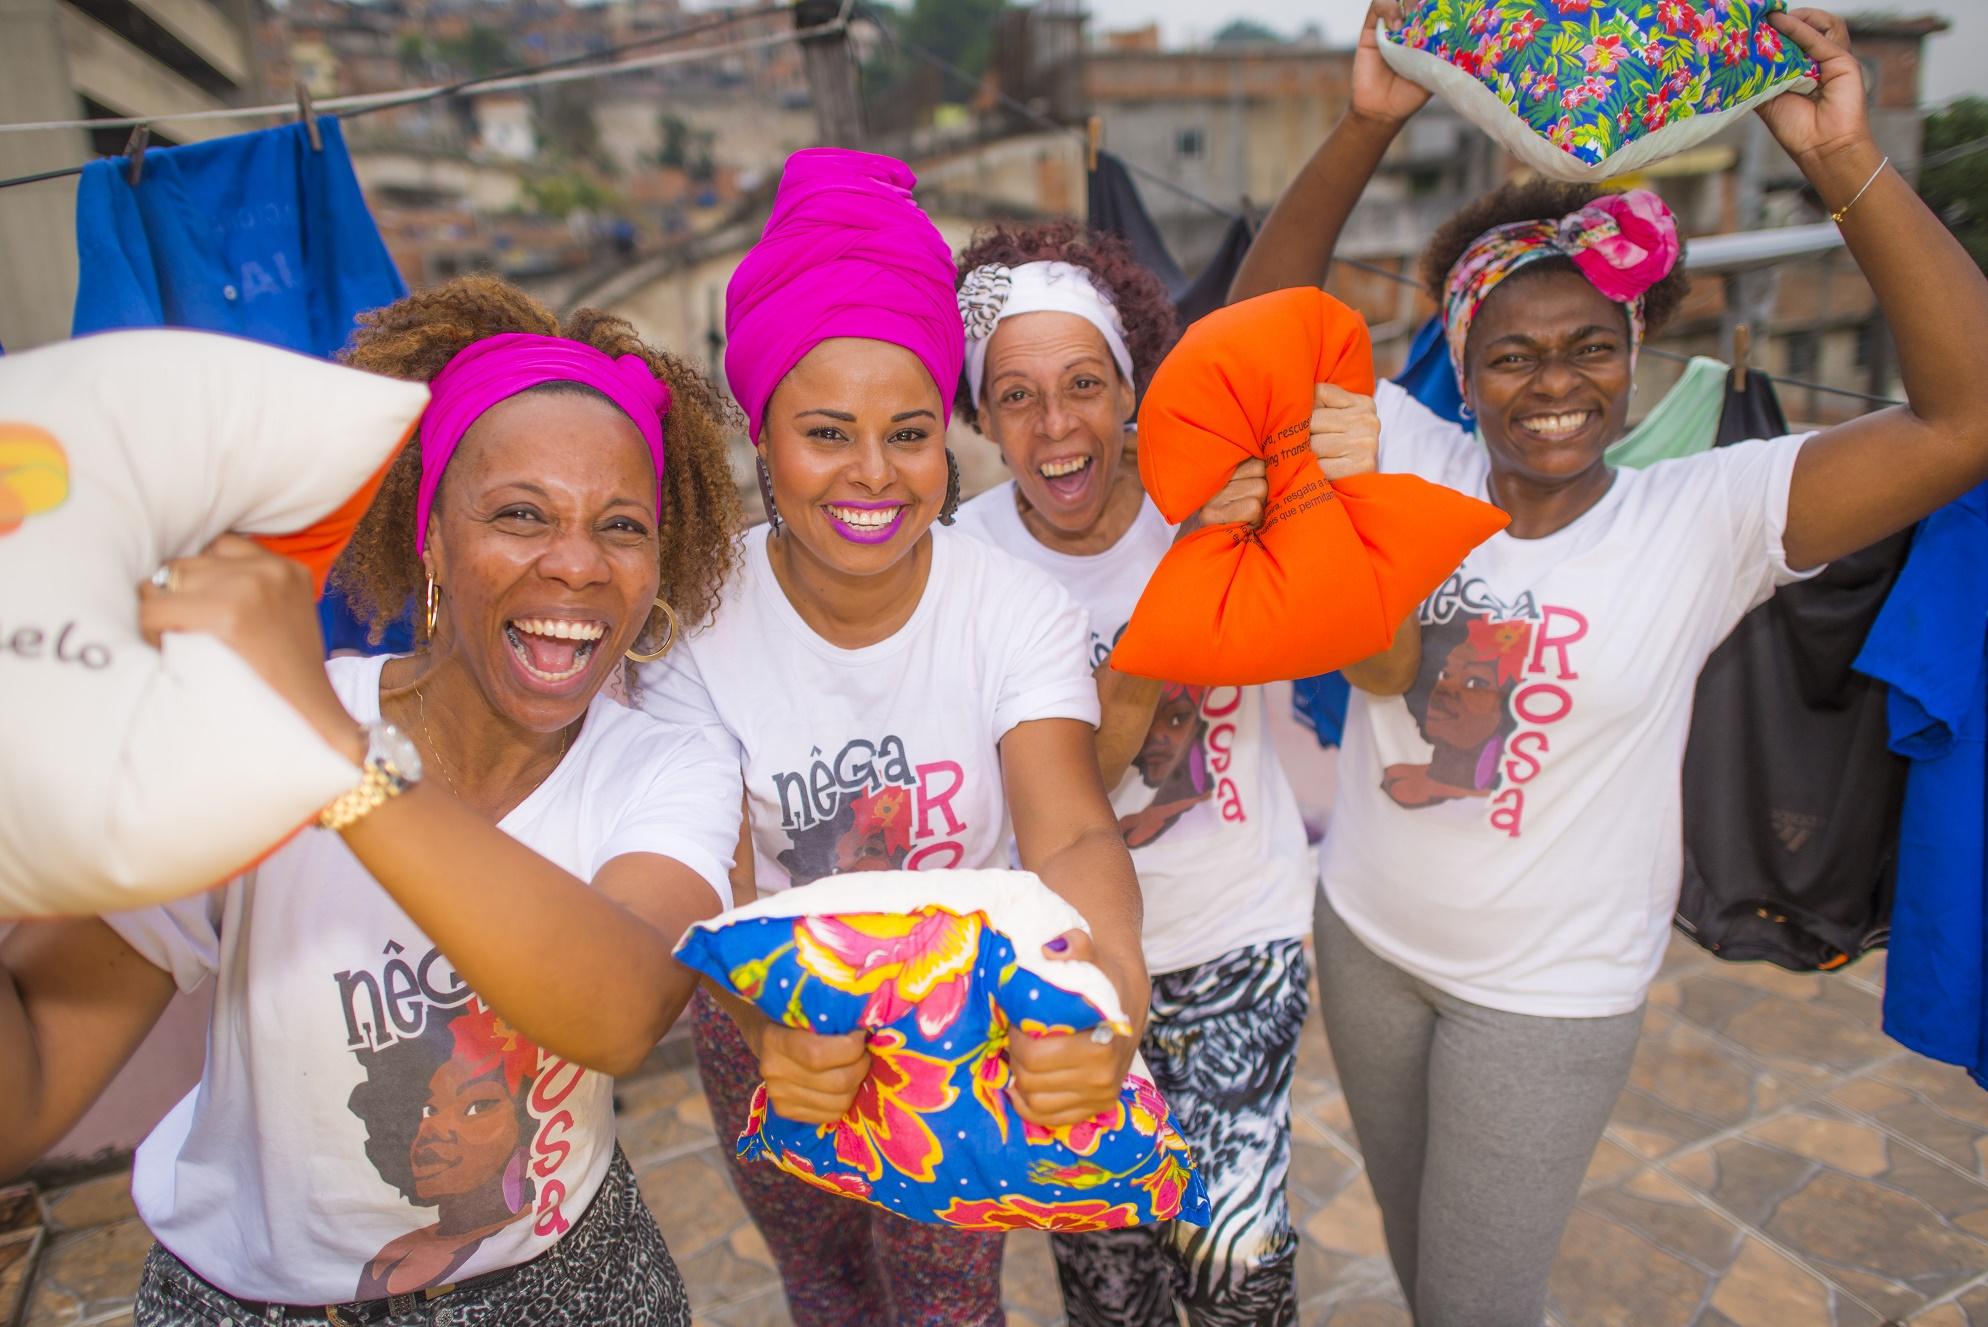 Costureiras do projeto Nêga Rosa, que foram treinadas para garantir um controle de qualidade maior nas almofadas da Vila dos Atletas